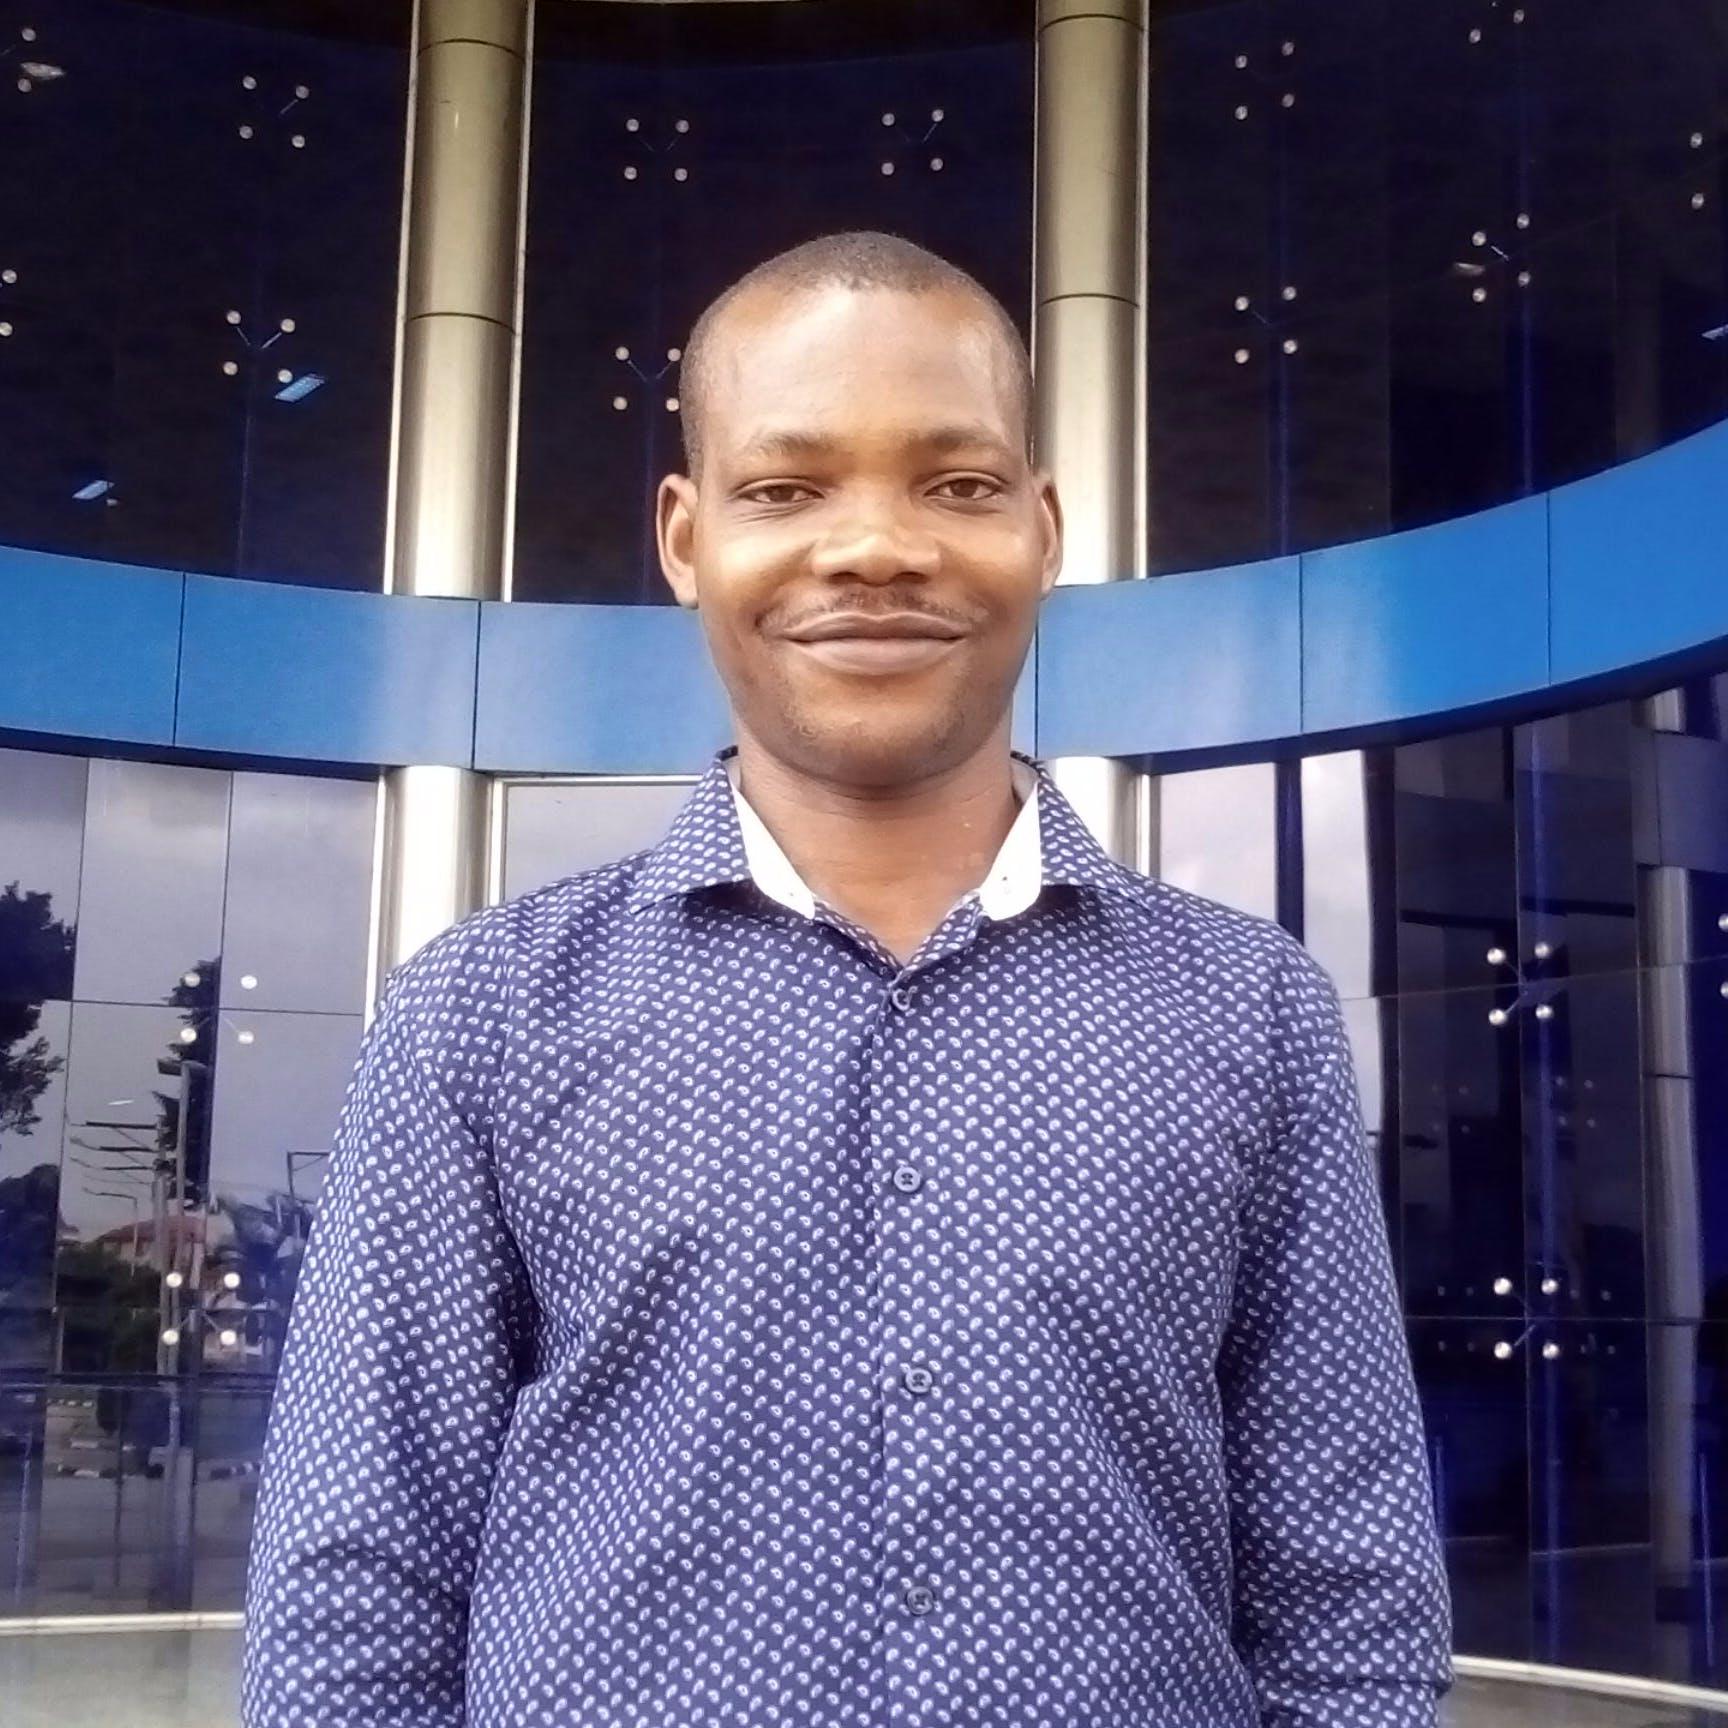 Emmanuel Obot